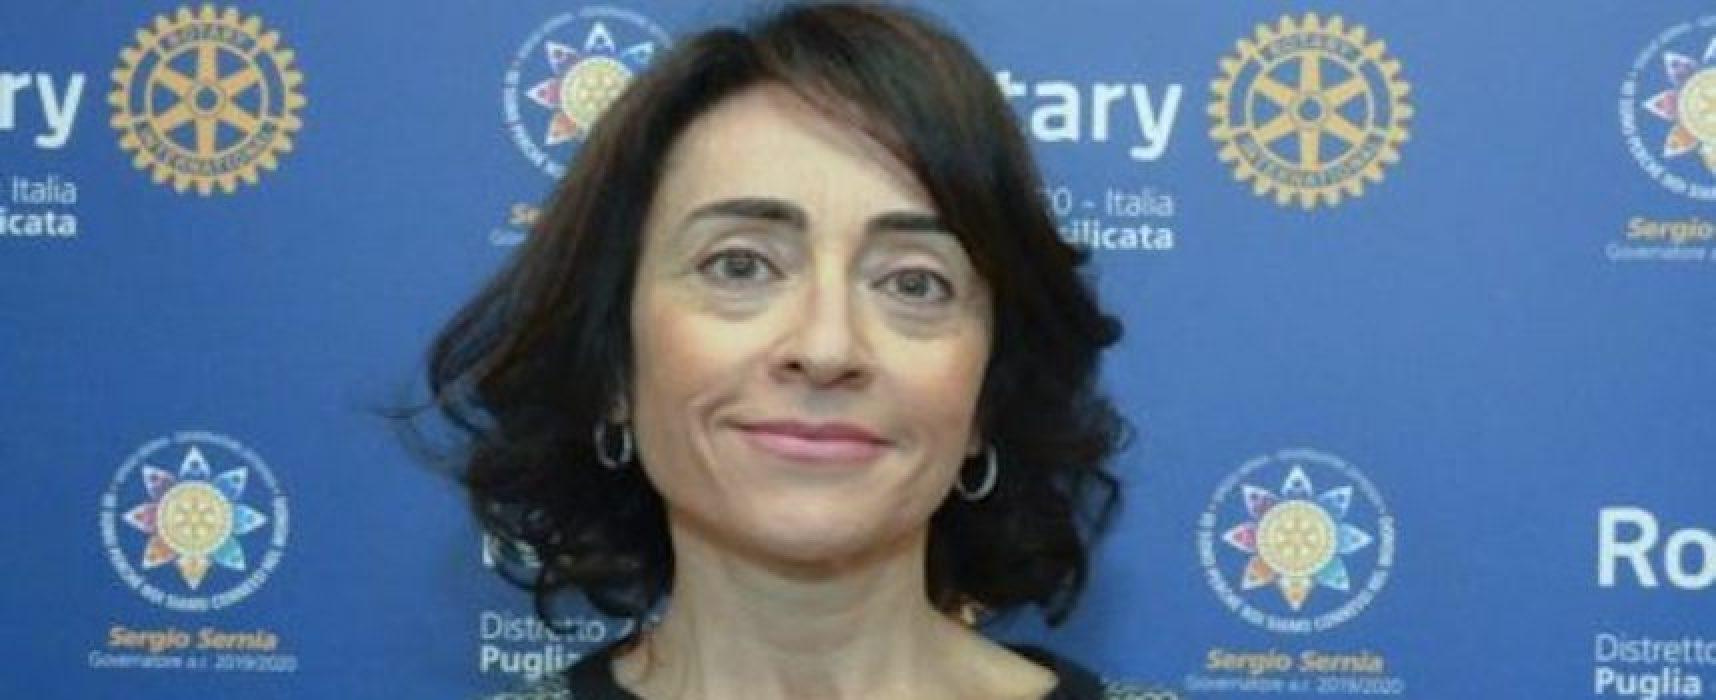 """Caterina Bruni commenta giro di boa anno Rotary: """"Partire dalla contemporaneità per servire"""""""